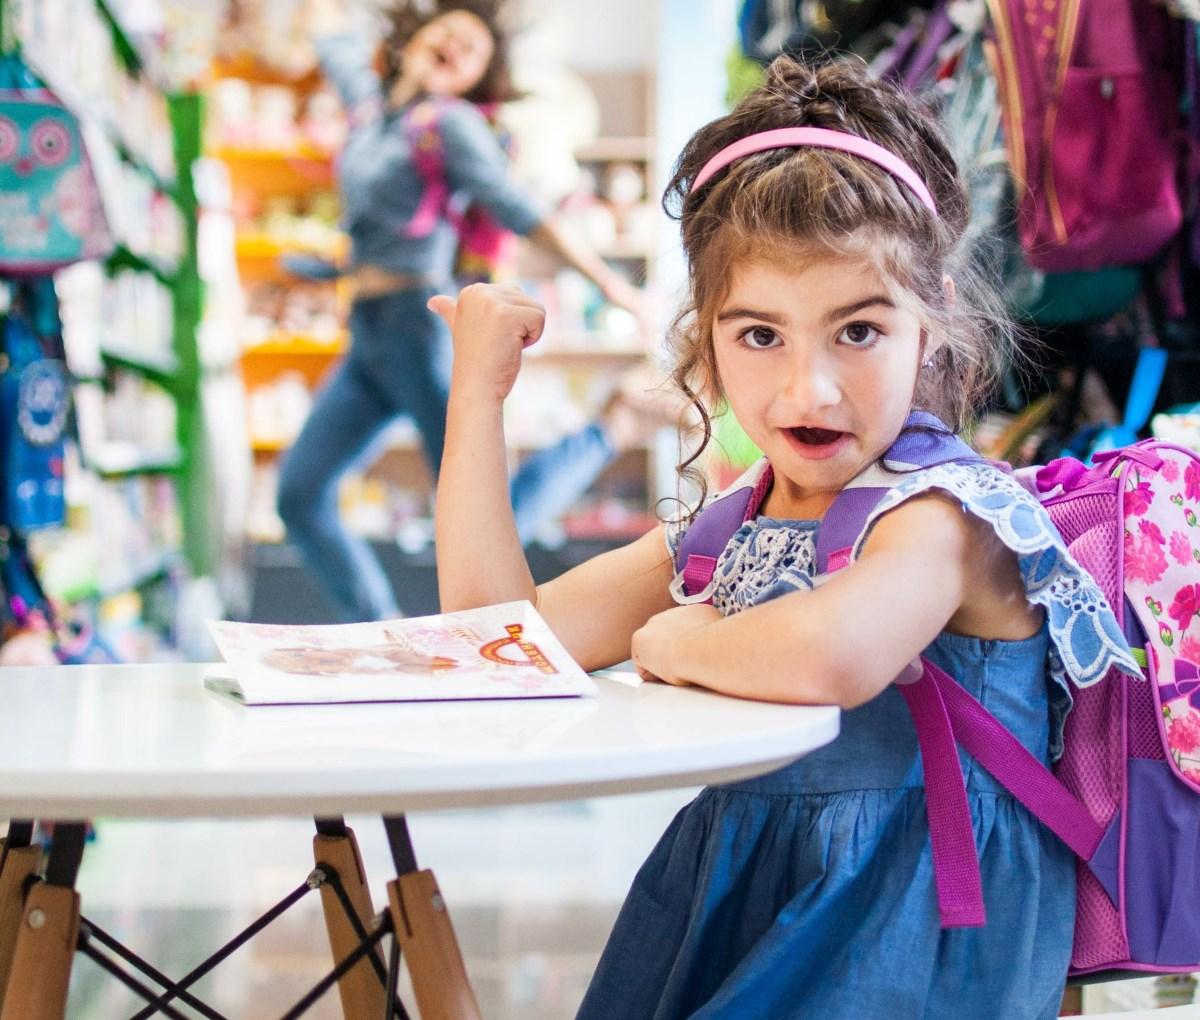 Ксения Букшина: «Оценки для меня не будут первостепенными. Самое важное — развитие талантов и способностей ребенка»